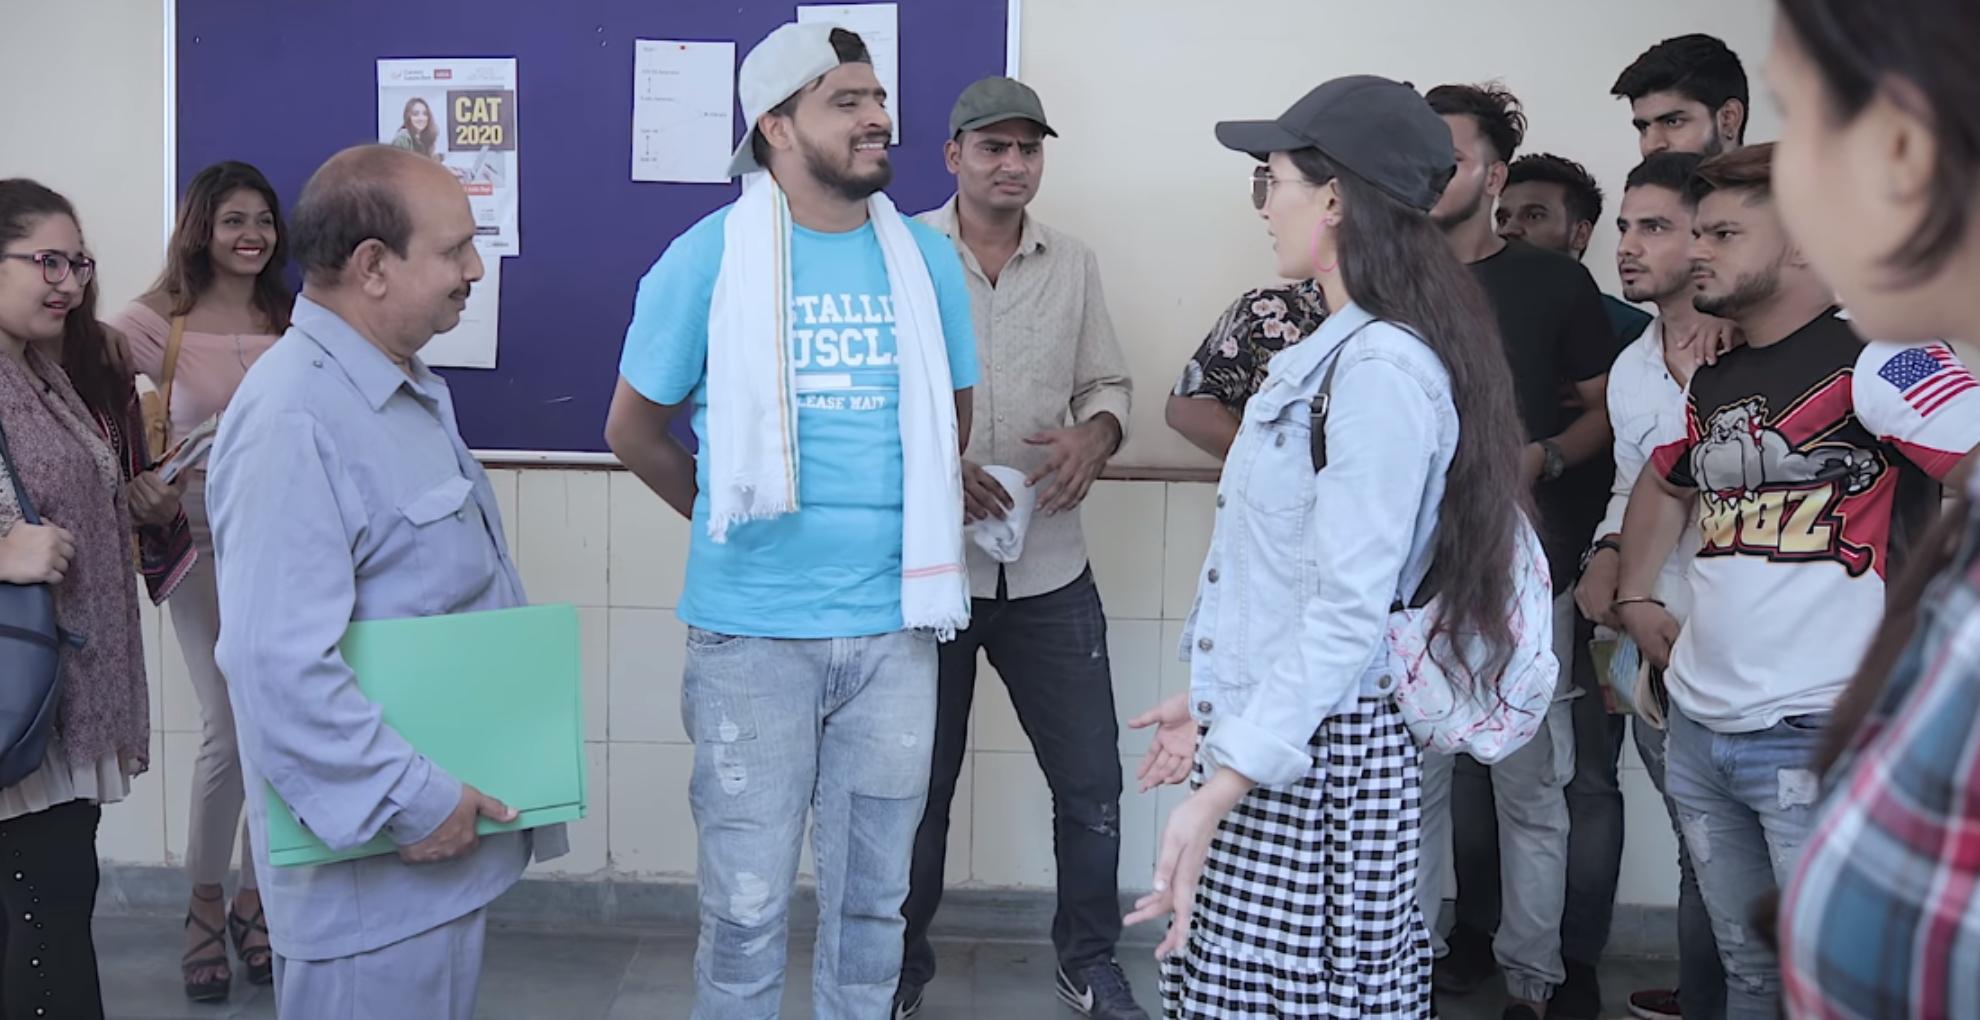 Amit Bhadana Funny Video: कॉलेज में जब आई अंगरेजी मैम, देख यूं फिसल गए लड़के, देखिए अमित भड़ाना का नया वीडियो